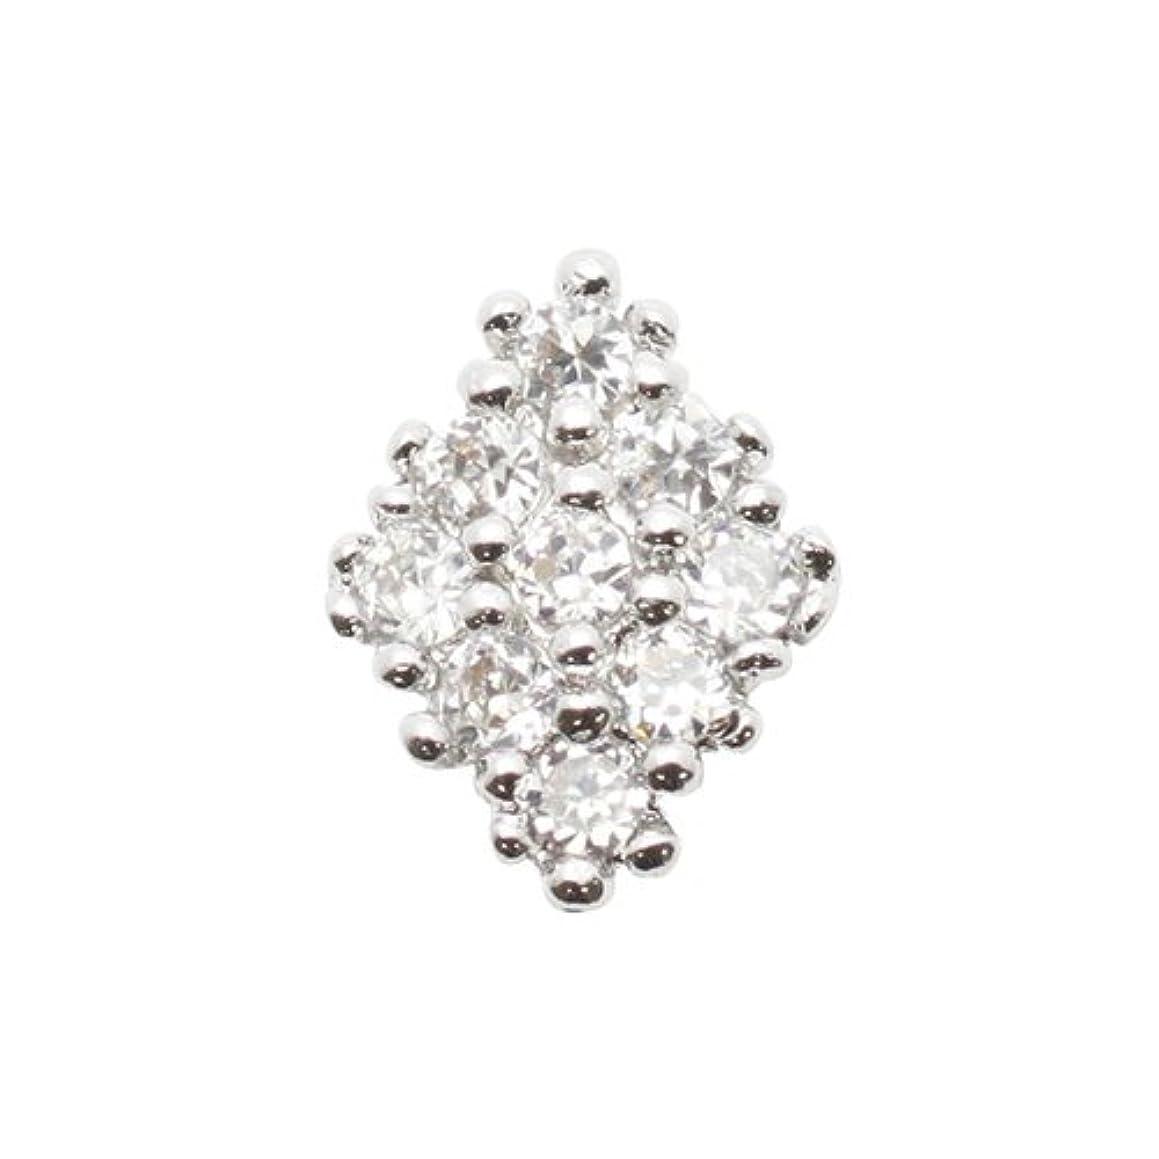 秋キリマンジャロガードエムプティ ネイルパーツ カーブシリーズ ダイヤモチーフ A134 1個